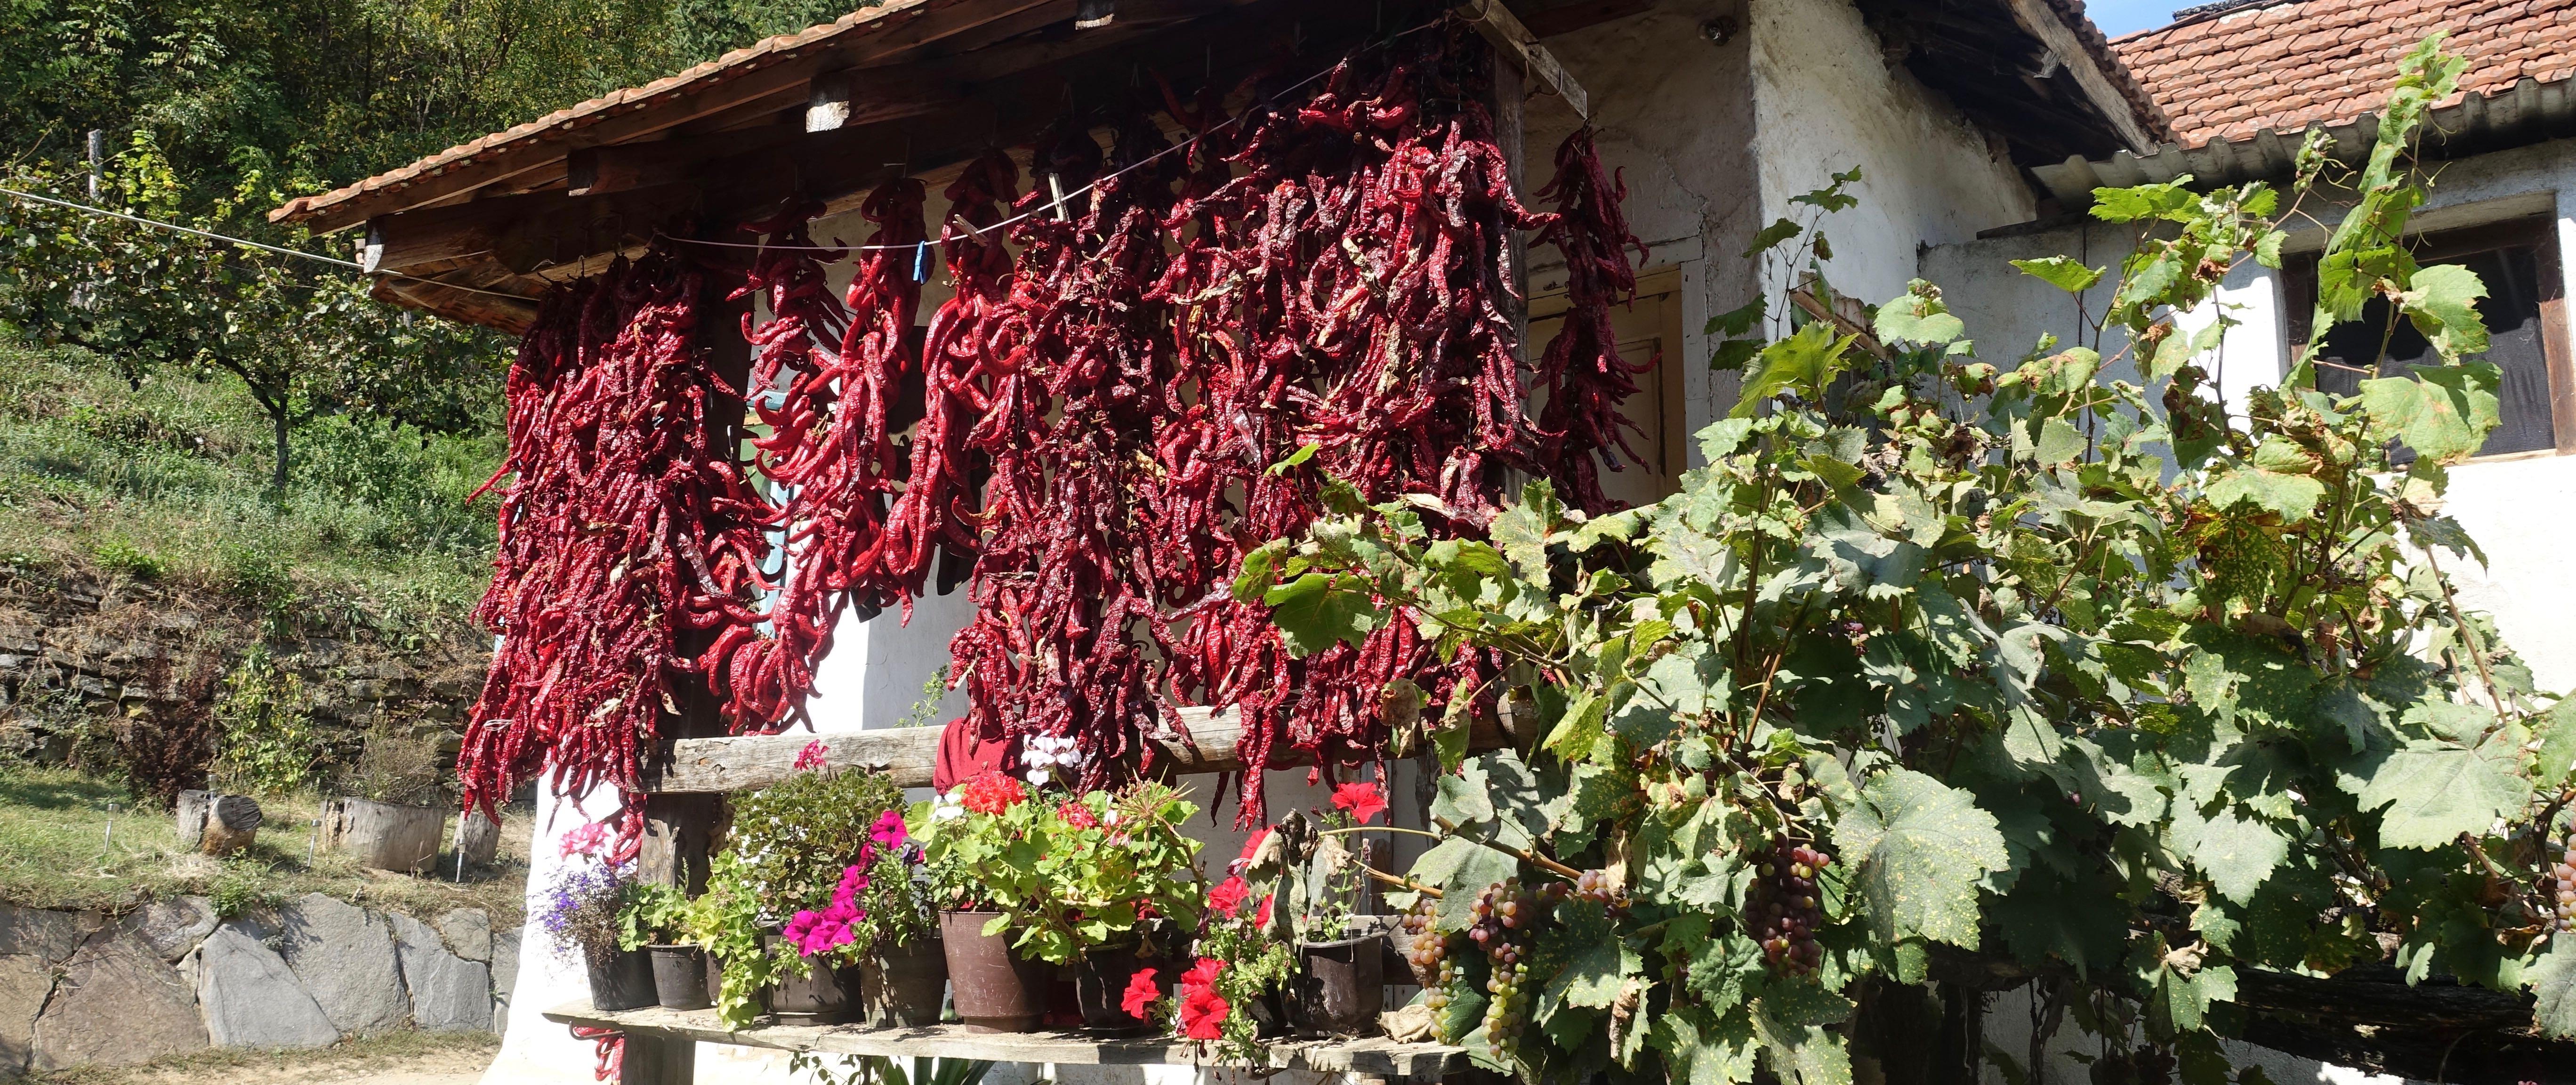 Paprika hängen aufgefädelt zum Trocknen unter einem Dachvorsprung